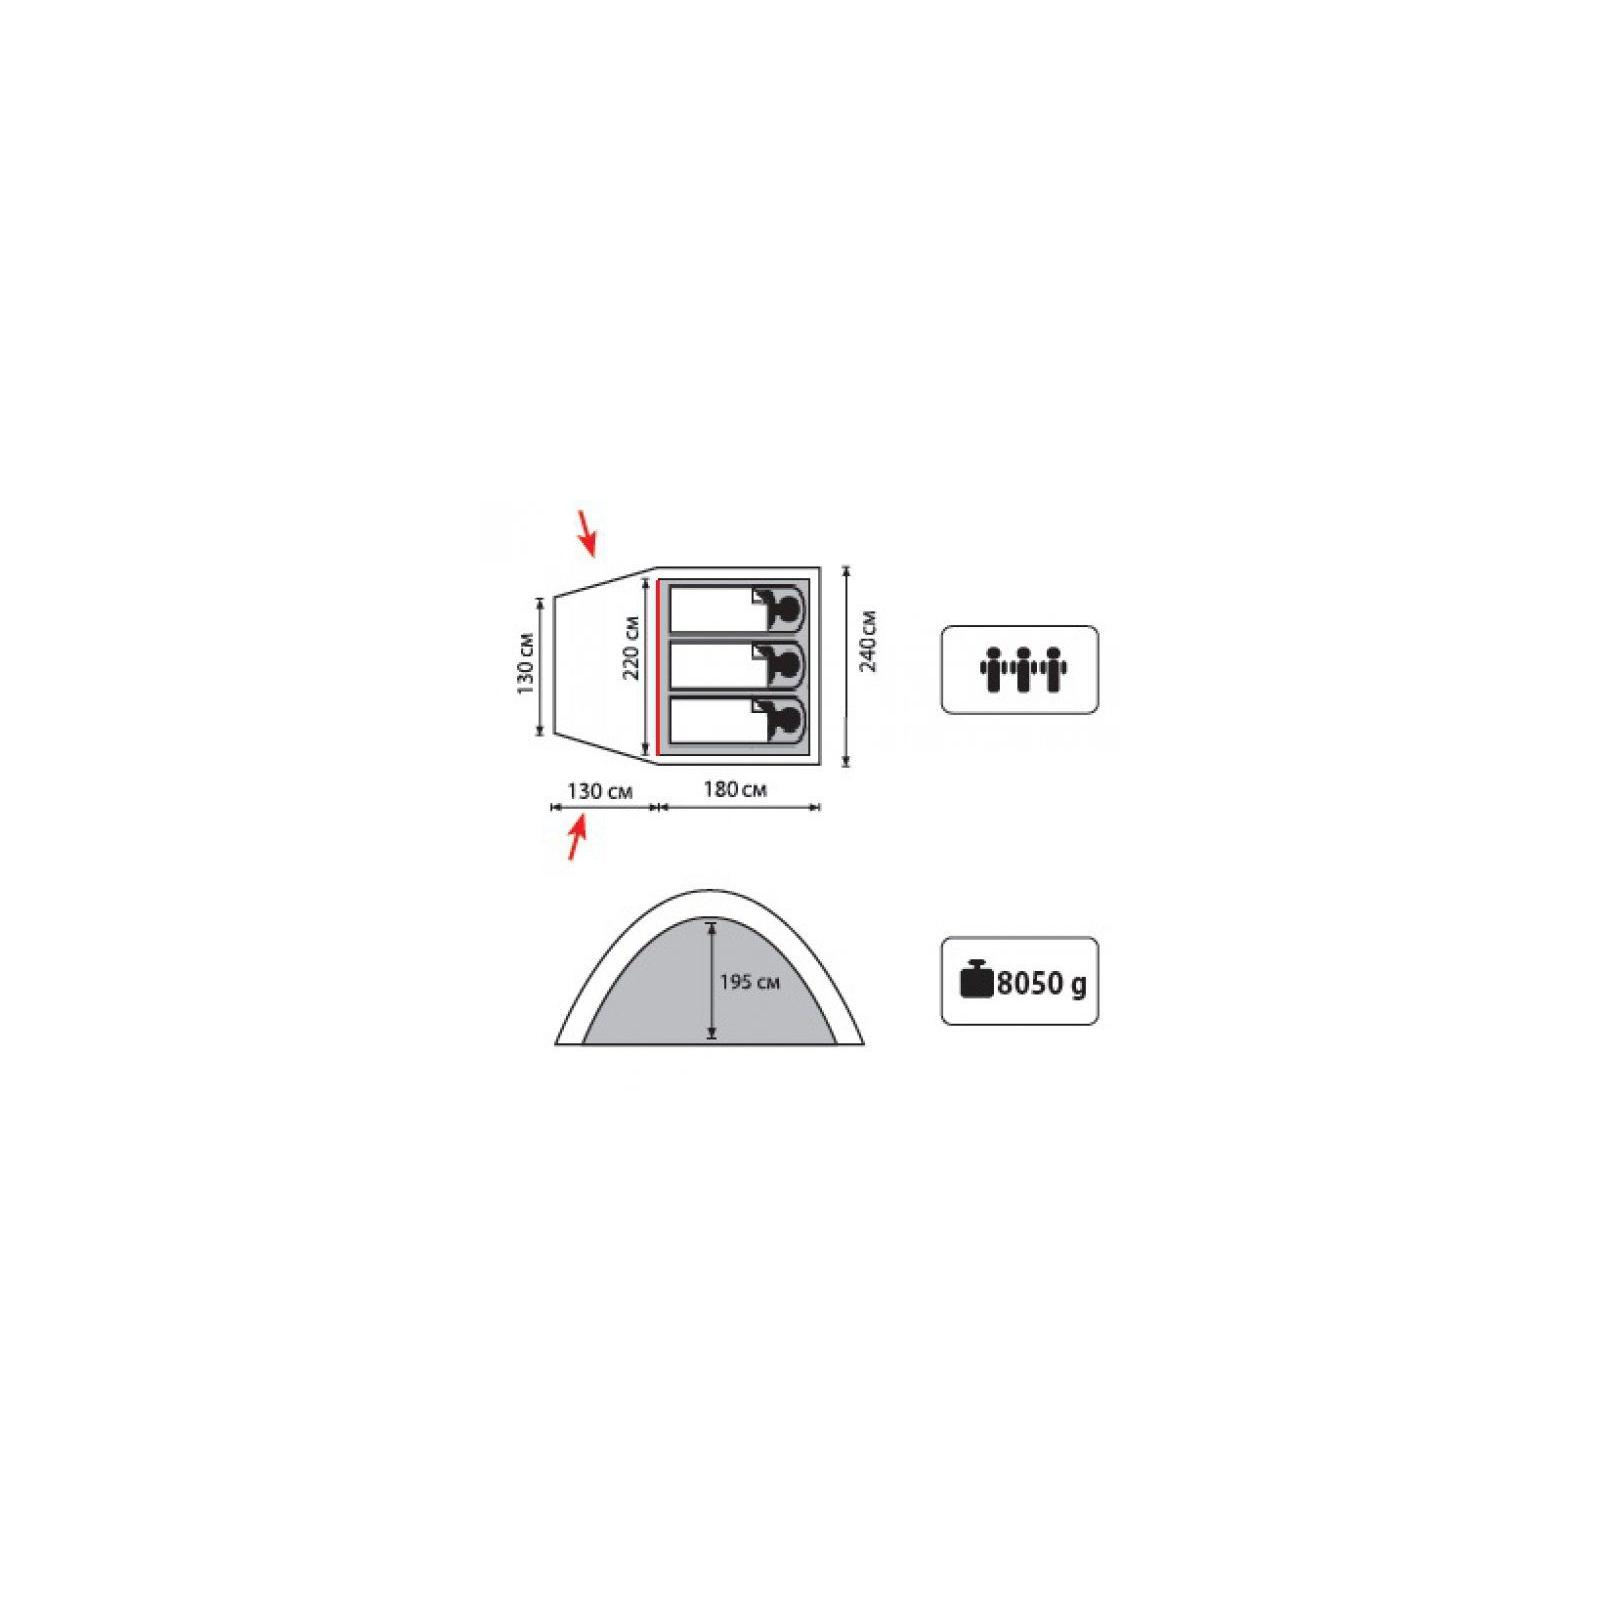 Палатка Tramp Anchor 3 (TLT-031.06) изображение 2